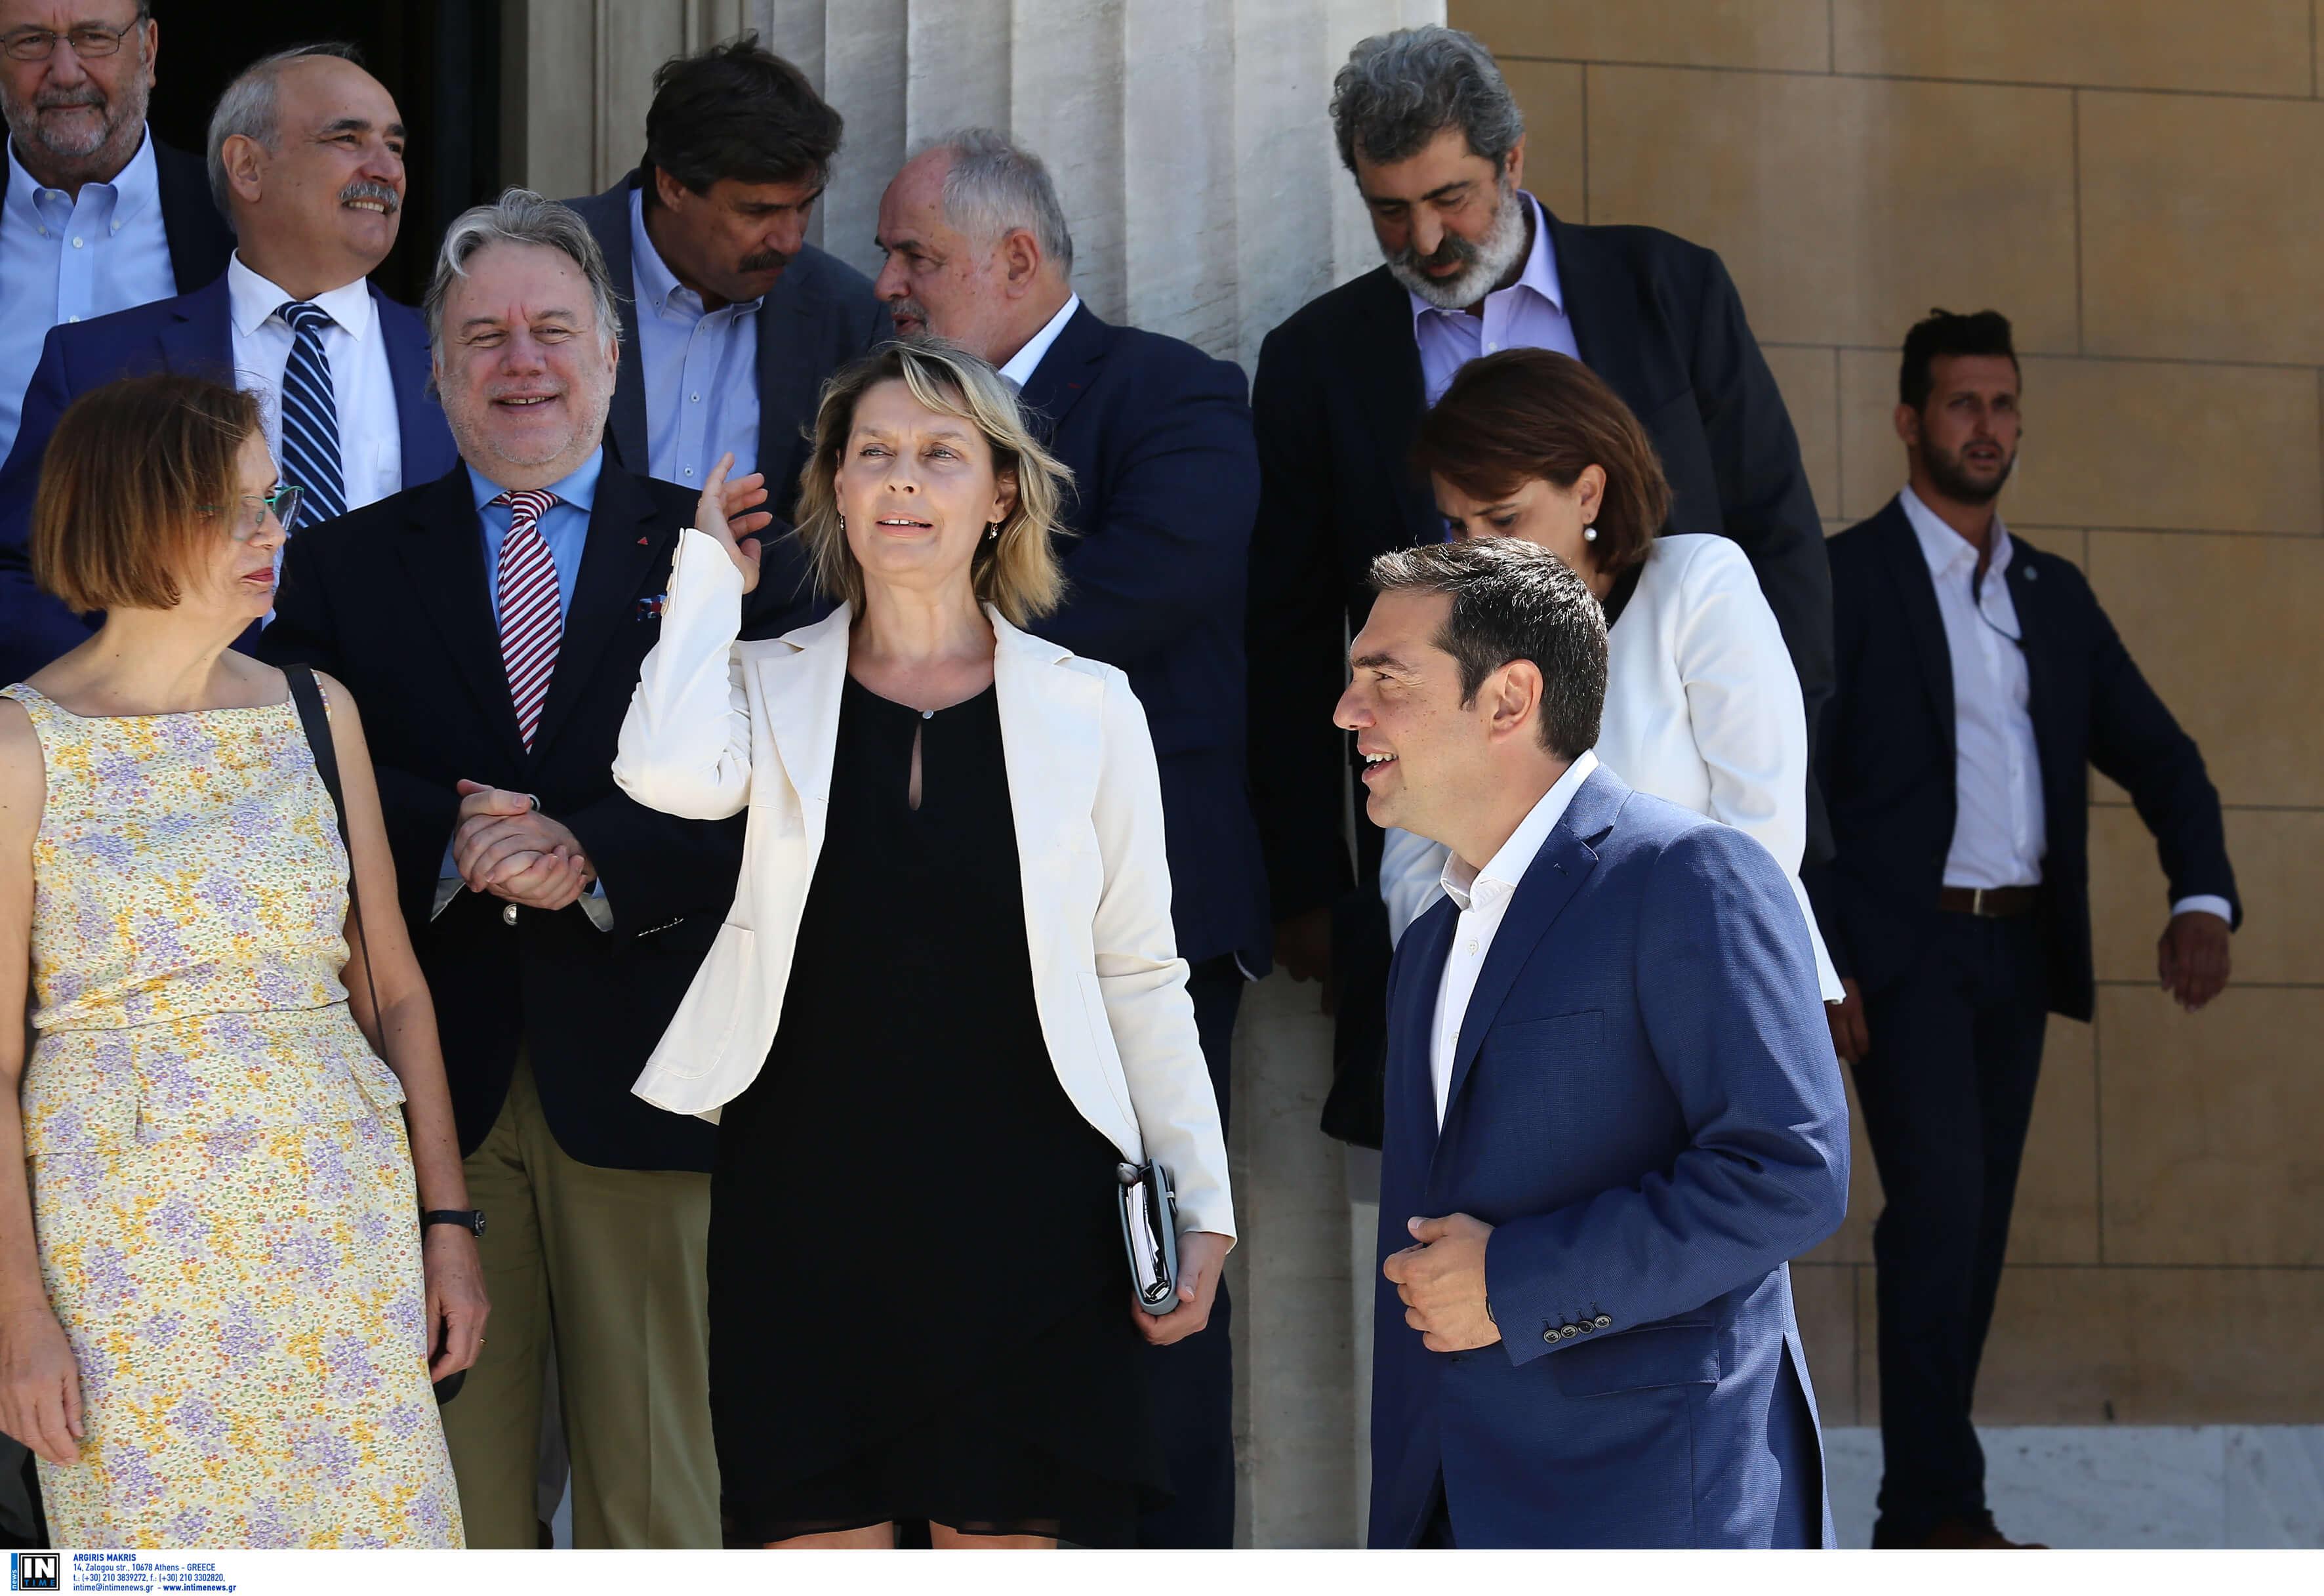 Με Παπακώστα, Μπελαβίλα και Τσιρώνη τα ψηφοδέλτια του ΣΥΡΙΖΑ - Και στην ανατολική Αττική υποψήφιος ο Τσίπρας